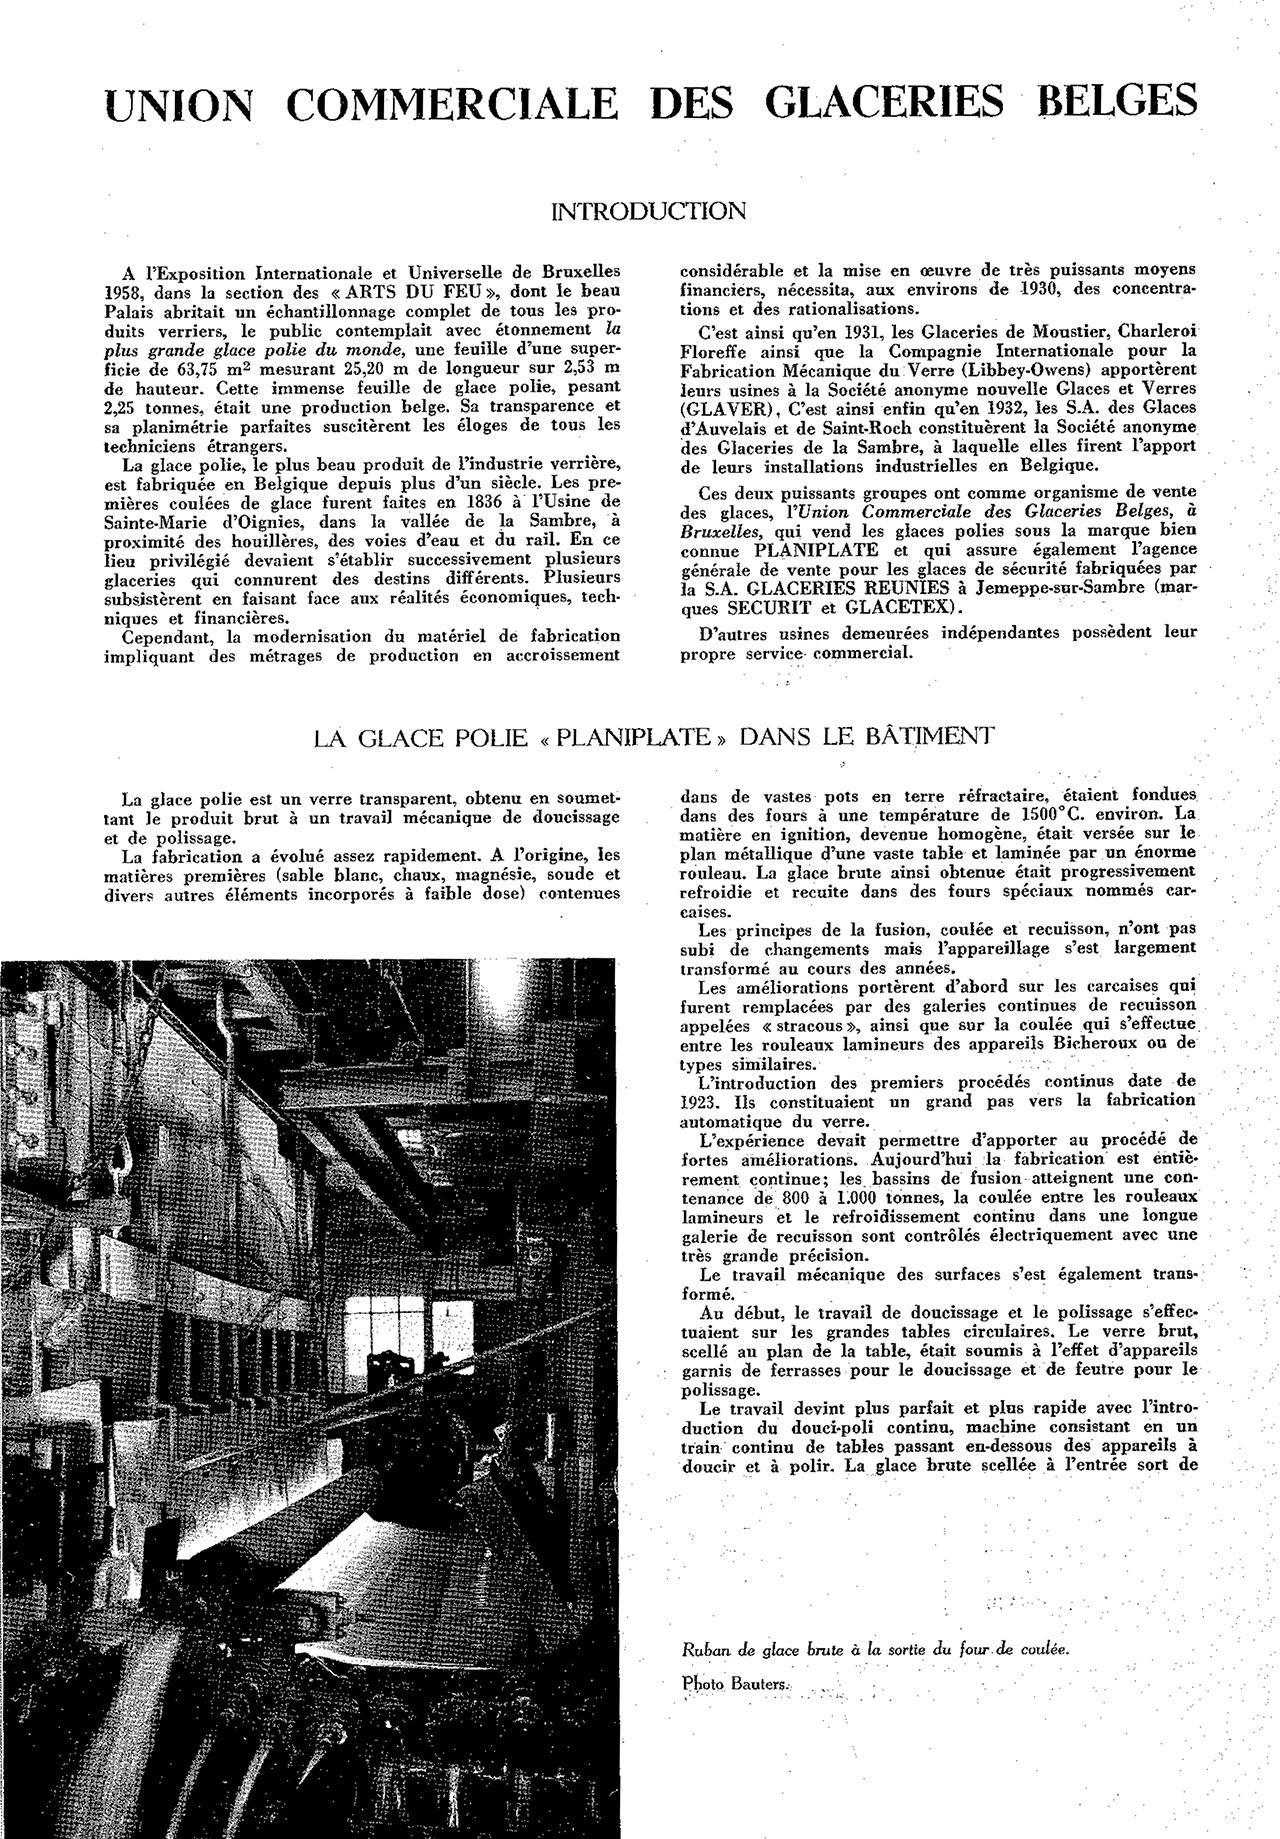 Union commerciale des glaceries belges